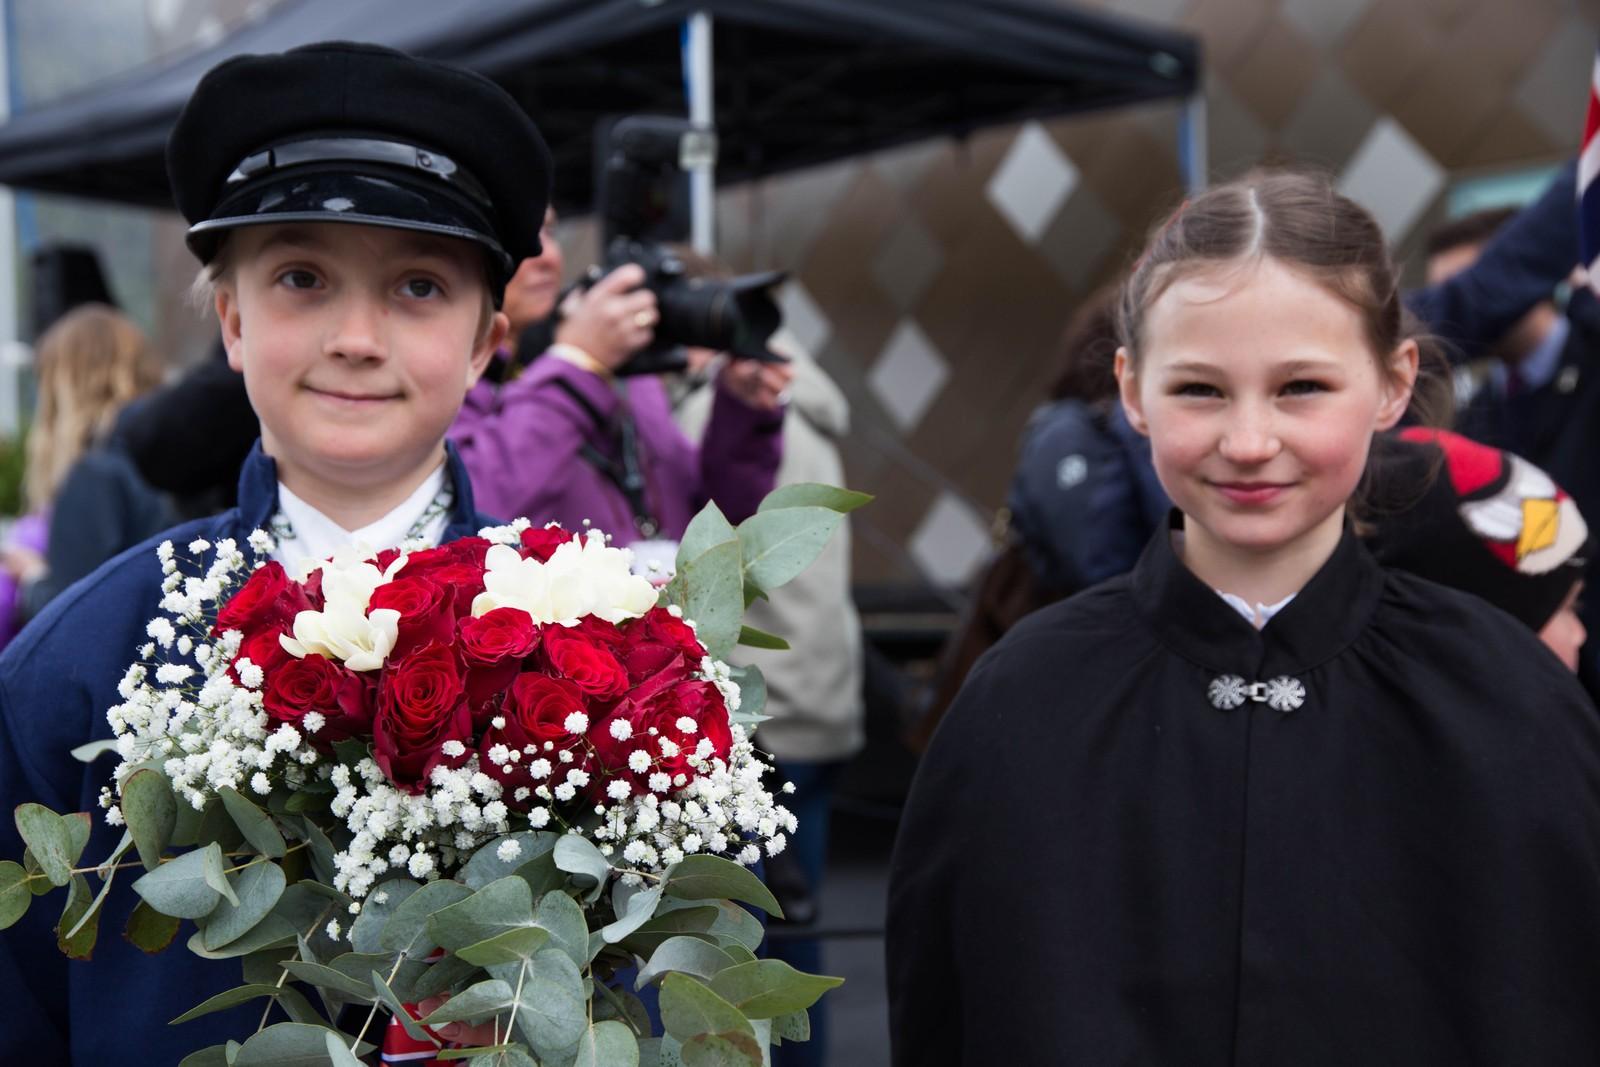 Blomsterbarna Michael Moen Johnsen, Måndalen og Tuva Moa Frick, Åfarnes.